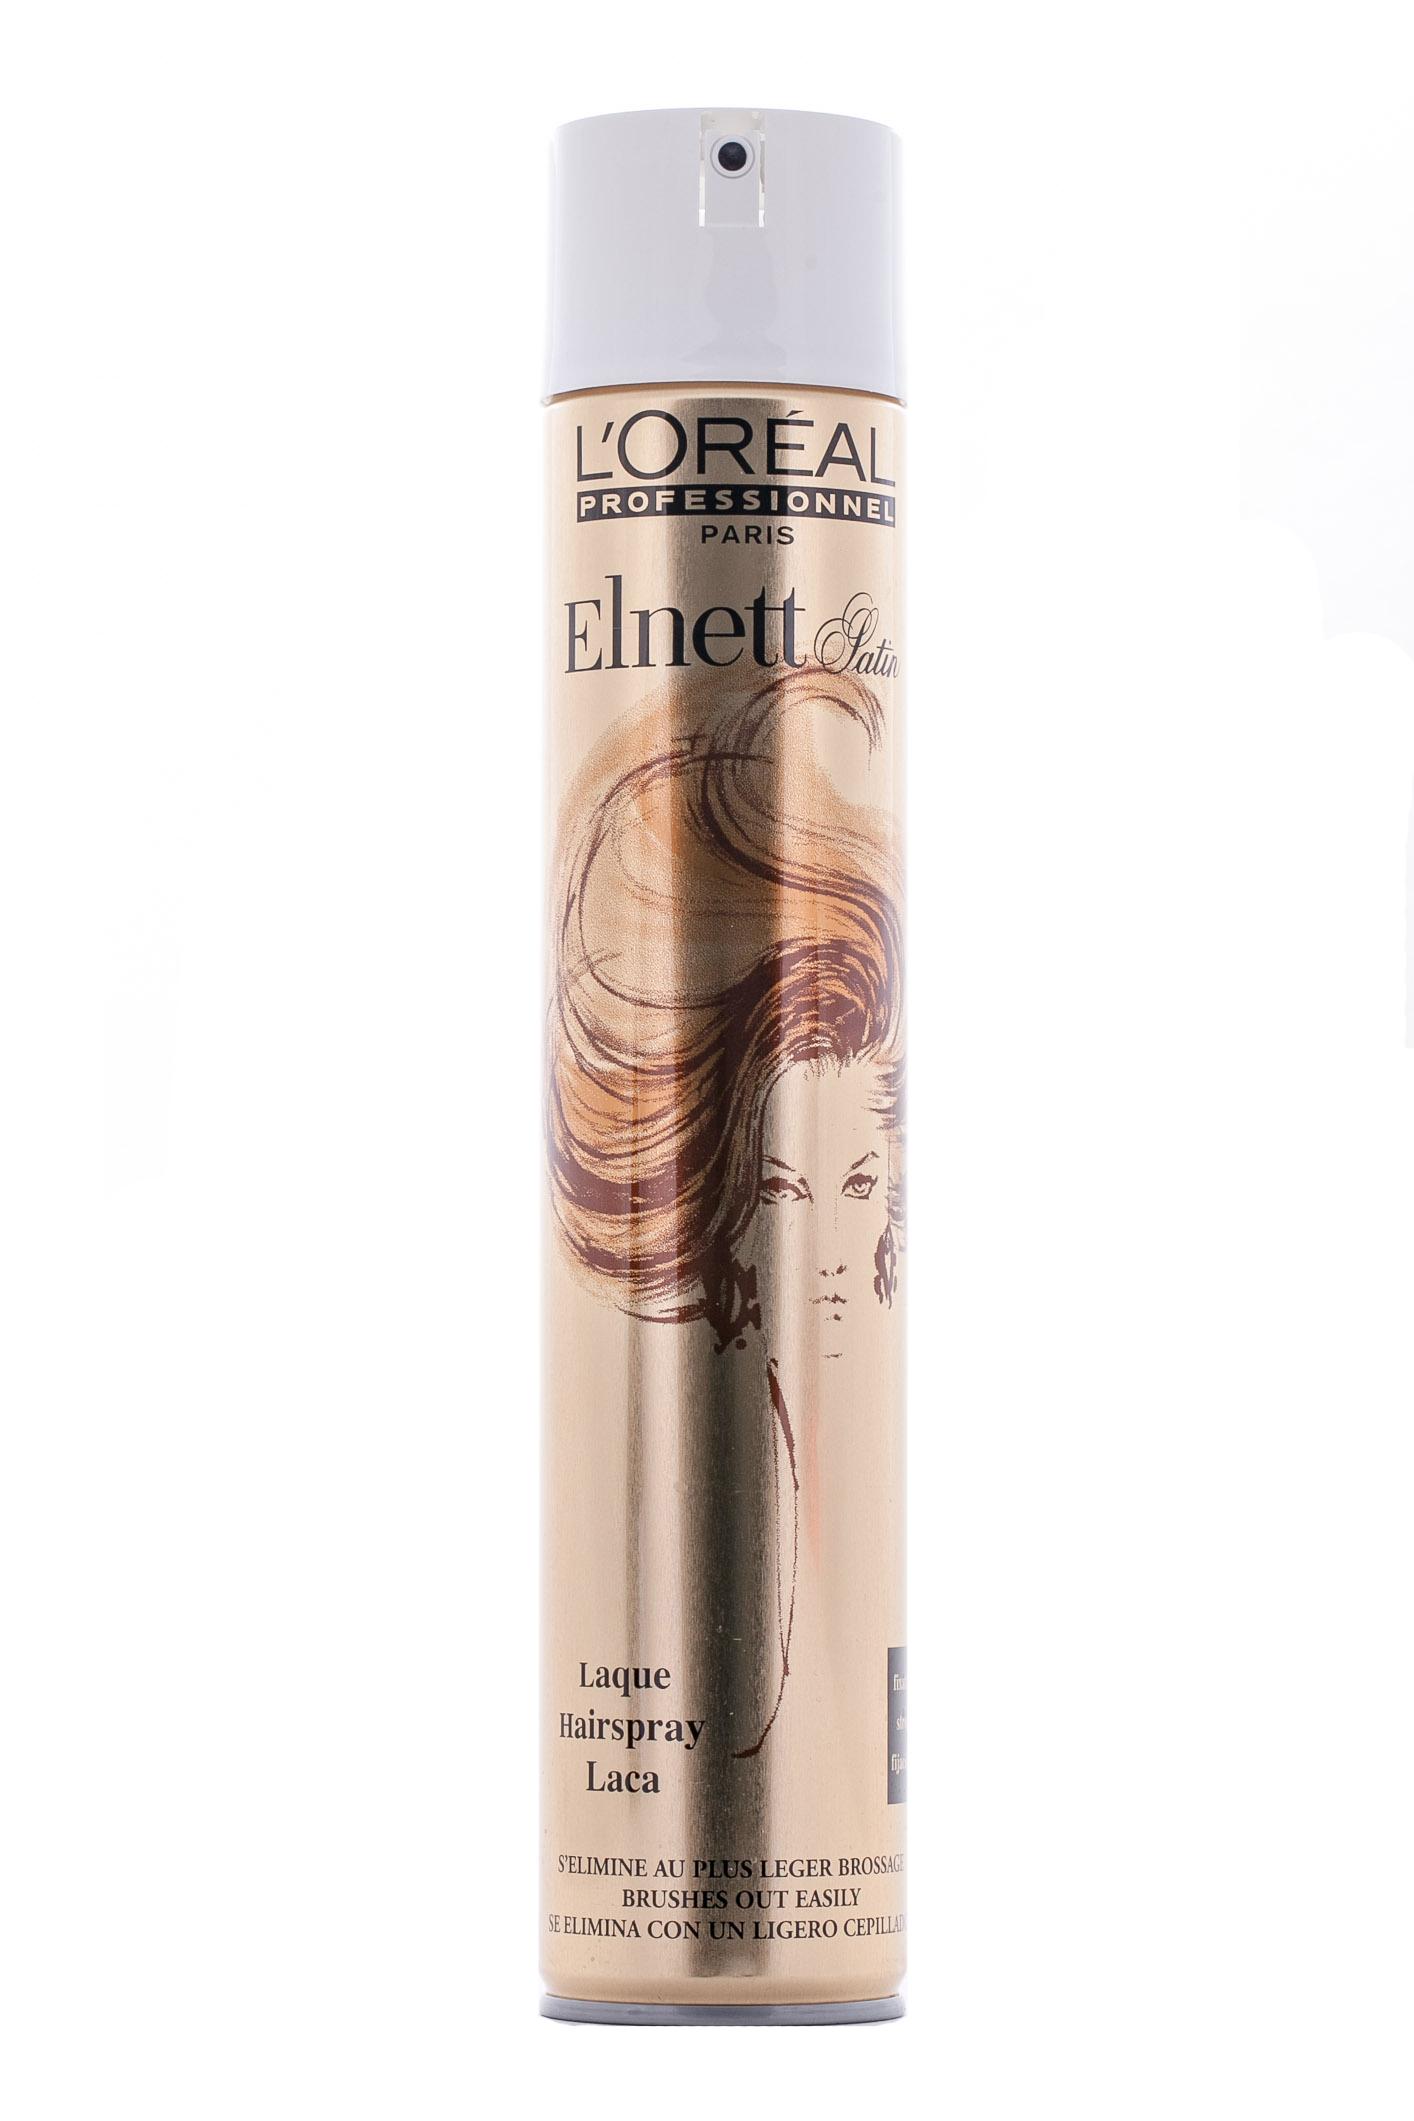 LOreal Professionnel Лак для волос Elnett Laque / Эльнeтт Жеробоам - 500 млMP59.4DОсновная функция лака Эльнетт атласный Лак от Лореаль придать вашей прическе пышный объем у корней волос и надежно закрепить укладку. Специальная формула этого лака позволяет очень ровно и равномерно наносить его на волосы. При этом, лак не утяжеляет структуры ваших волос, не склеивает их и не оставляет на волосах некрасивого налета. Прическа идеально держится в течение долгого рабочего дня. Пышные волосы сияют здоровьем и заставляют прохожих восхищенно смотреть вам вслед. Вы – само совершенство!